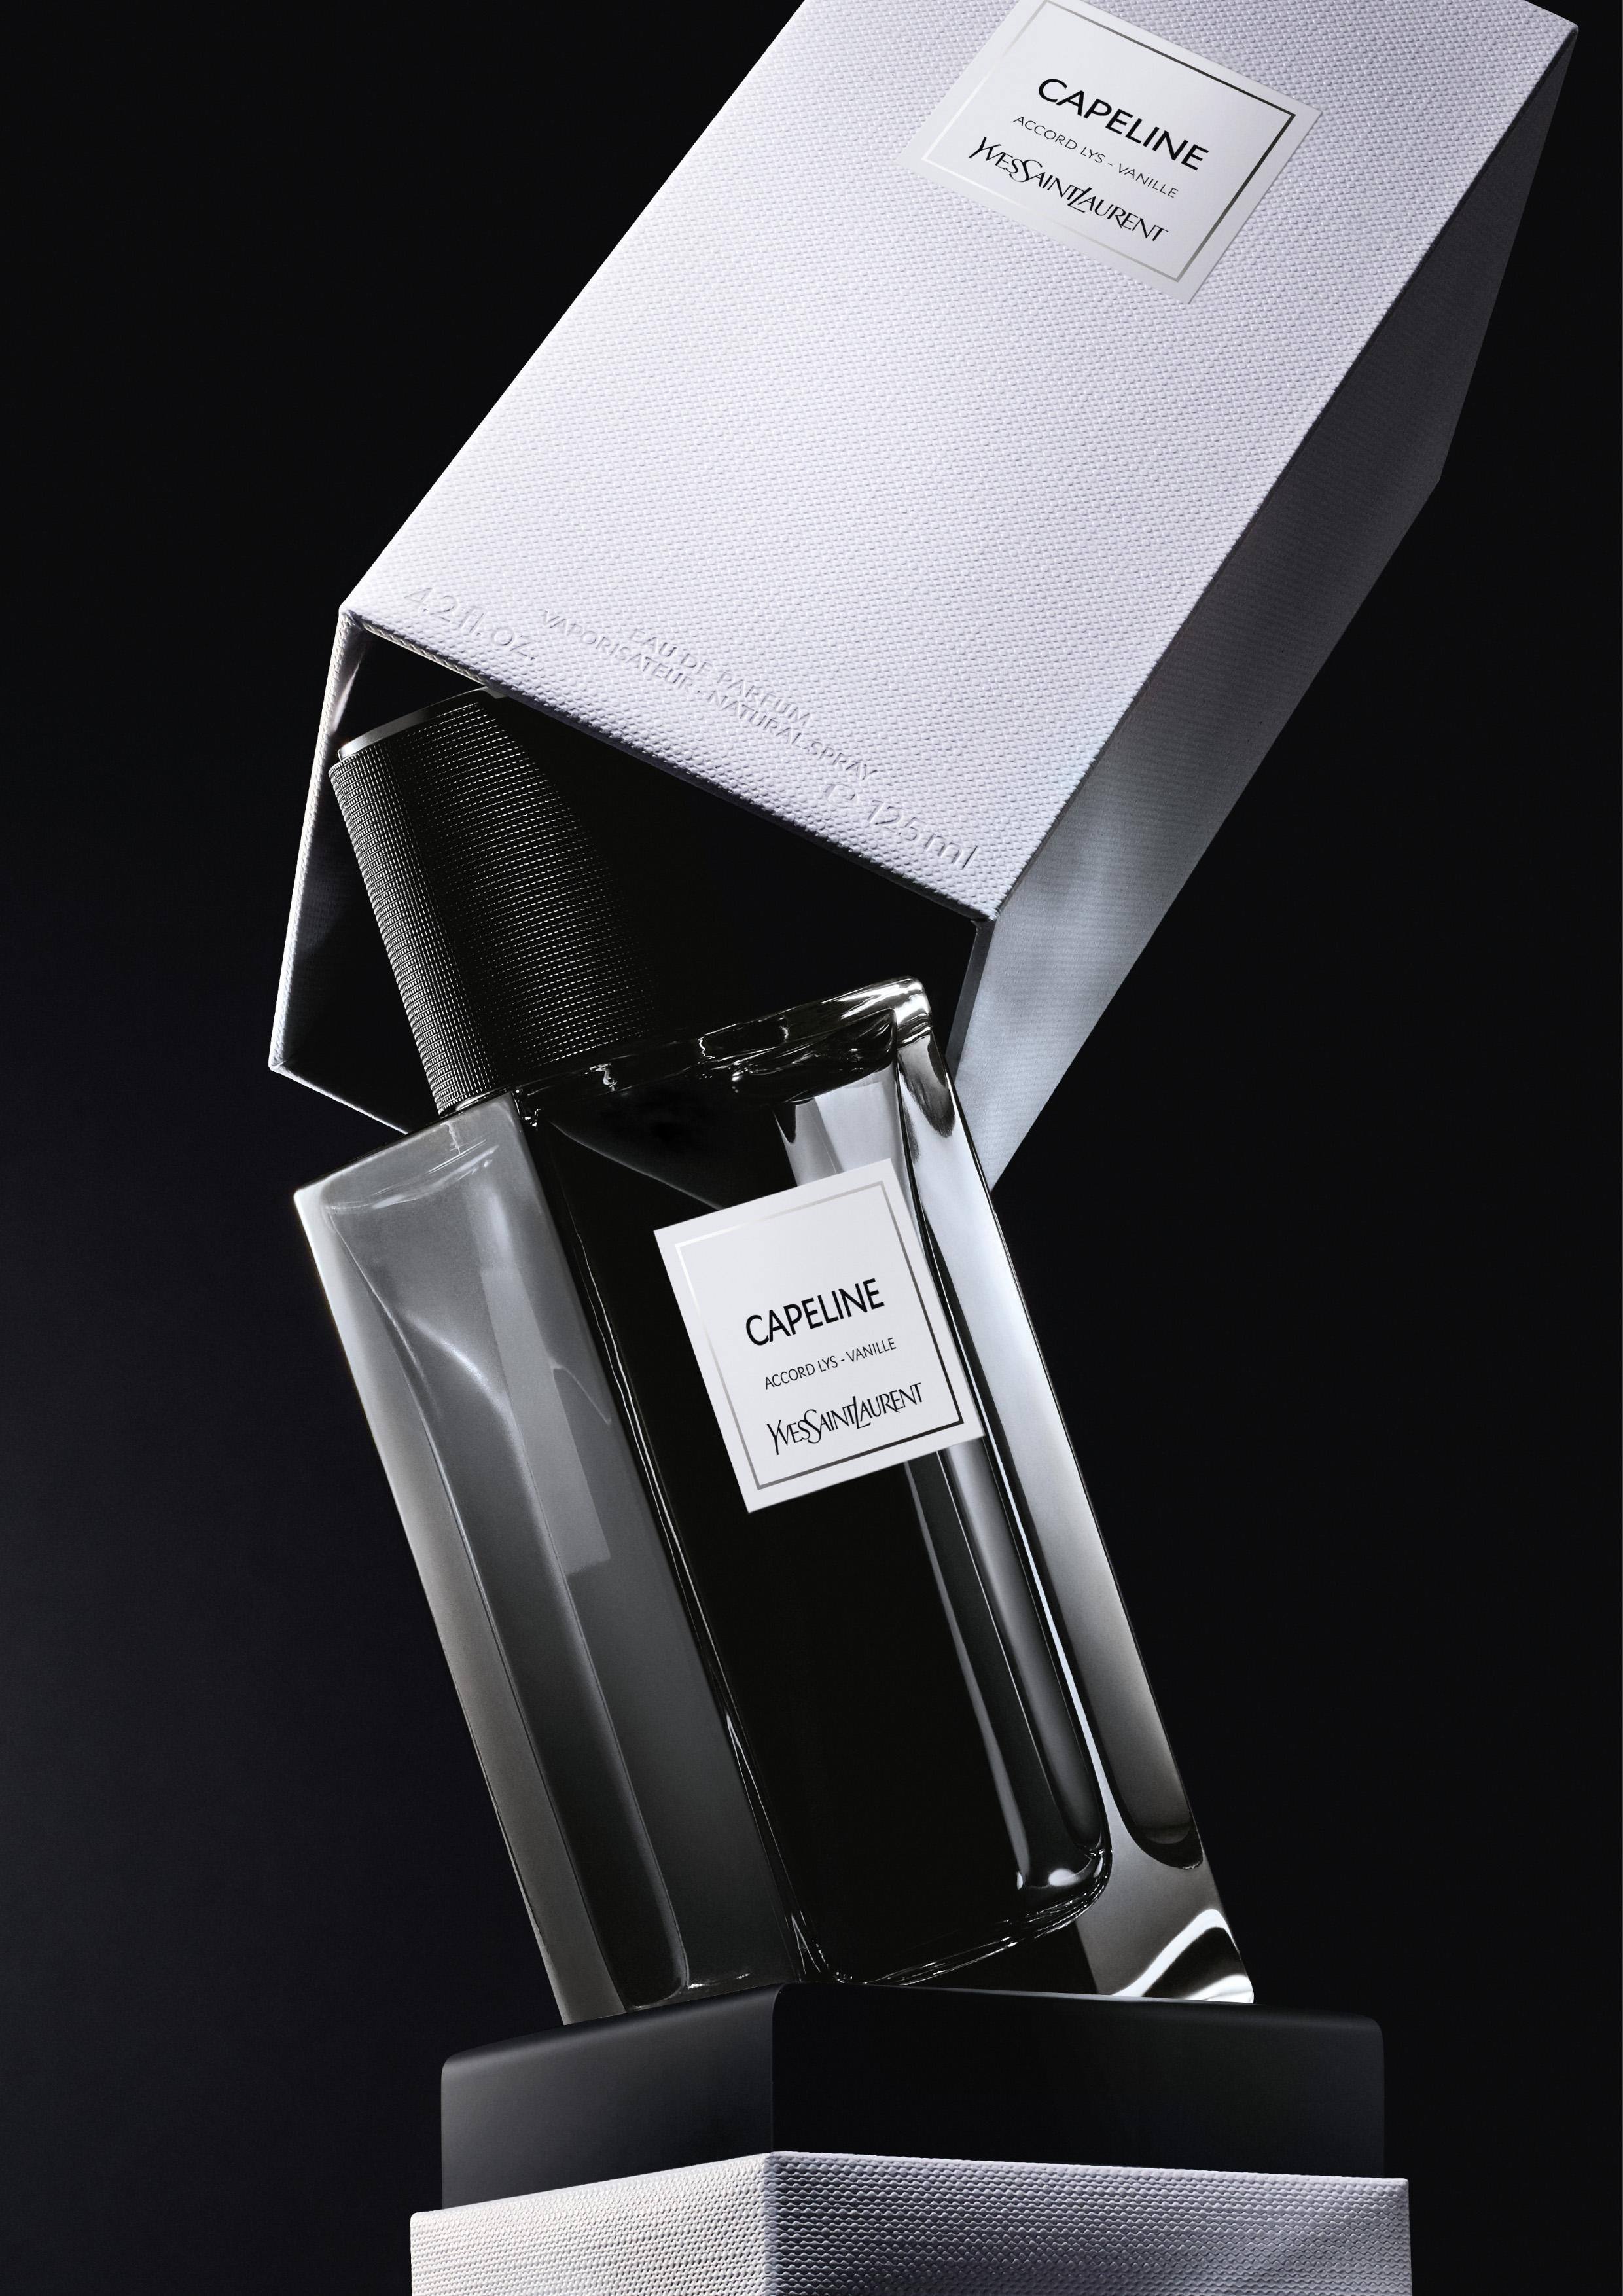 contemporain lvp capeline vertivcal ysl - Yves Saint Laurent presenta  dos nuevas fragancias :  CAPELINE y JUMPSUIT